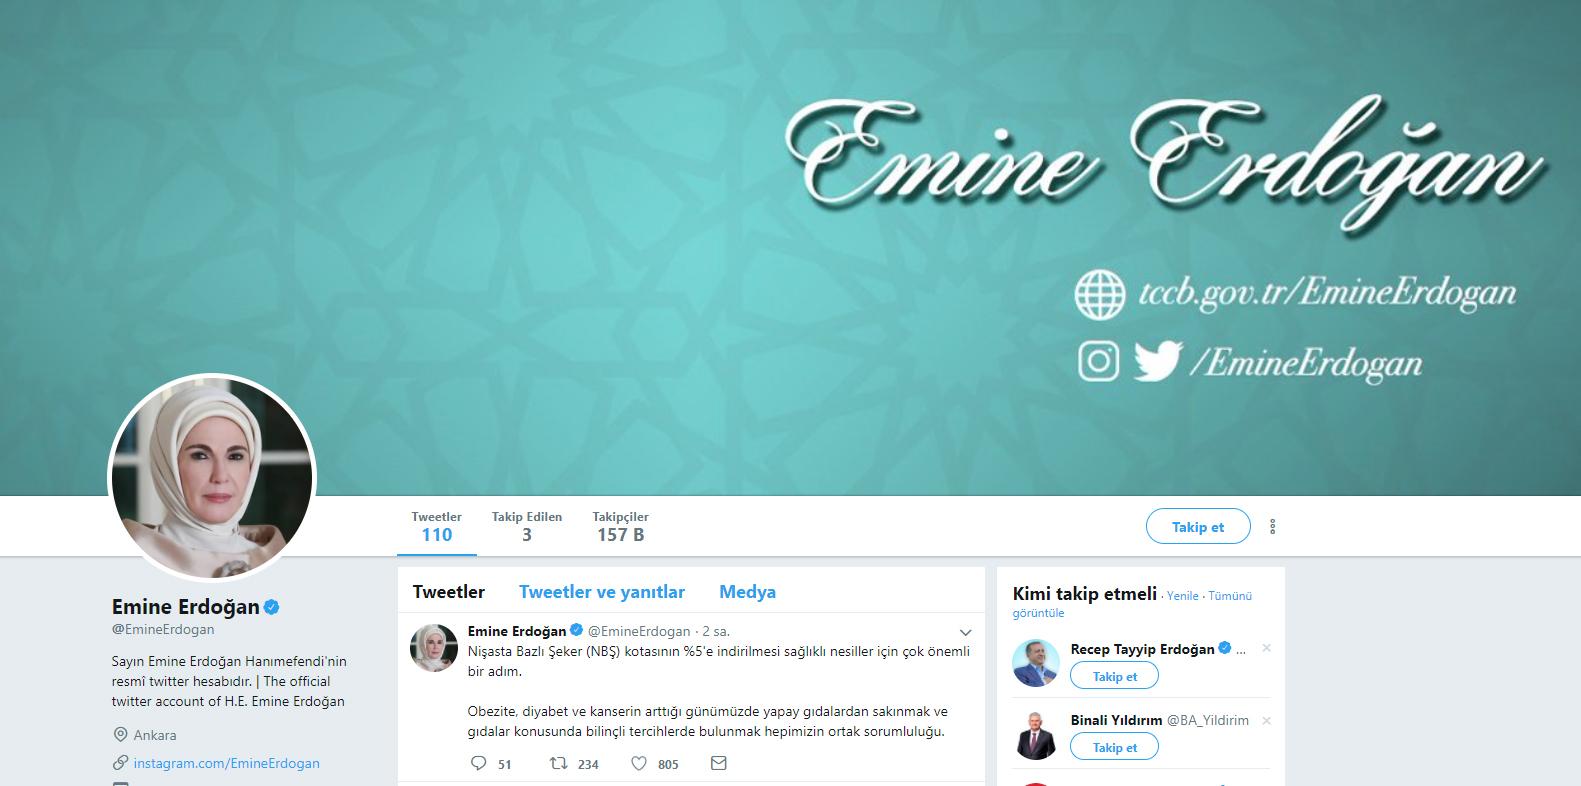 Cumhurbaşkanı Erdoğan'ın eşi Emine Erdoğan'dan